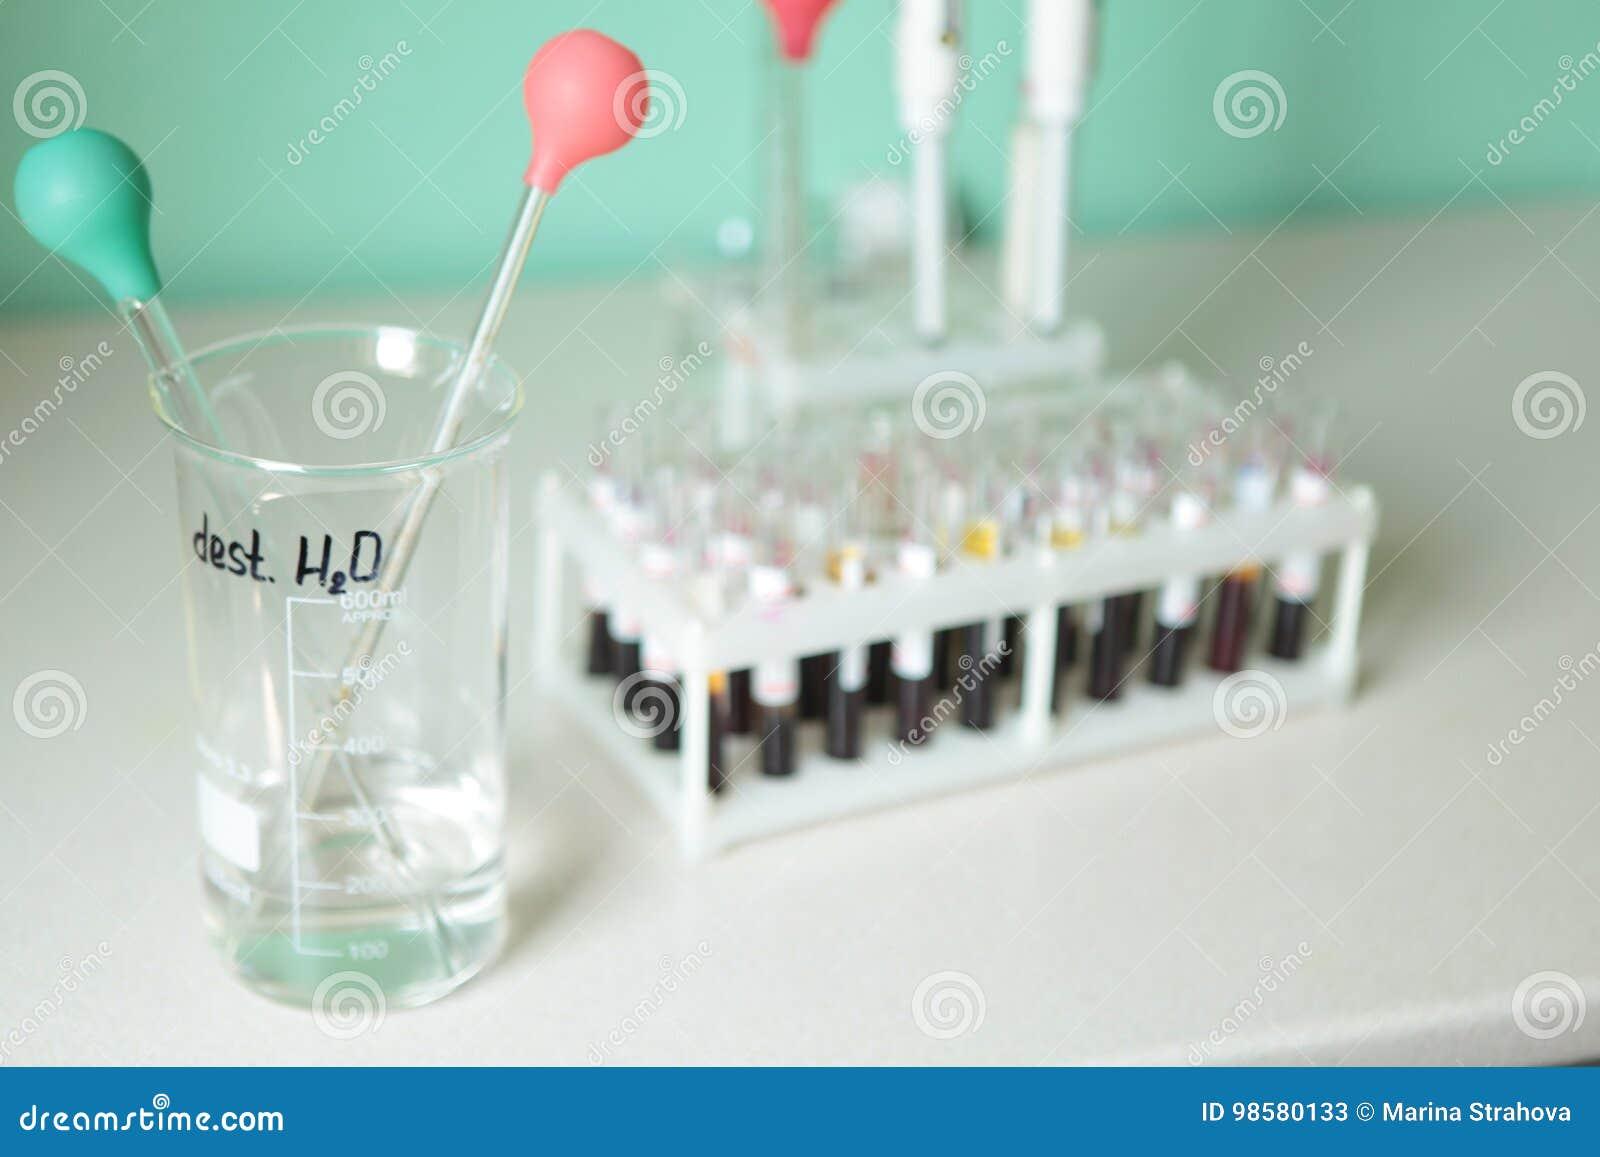 Fiala medica sulla tavola, prove, diagnosi